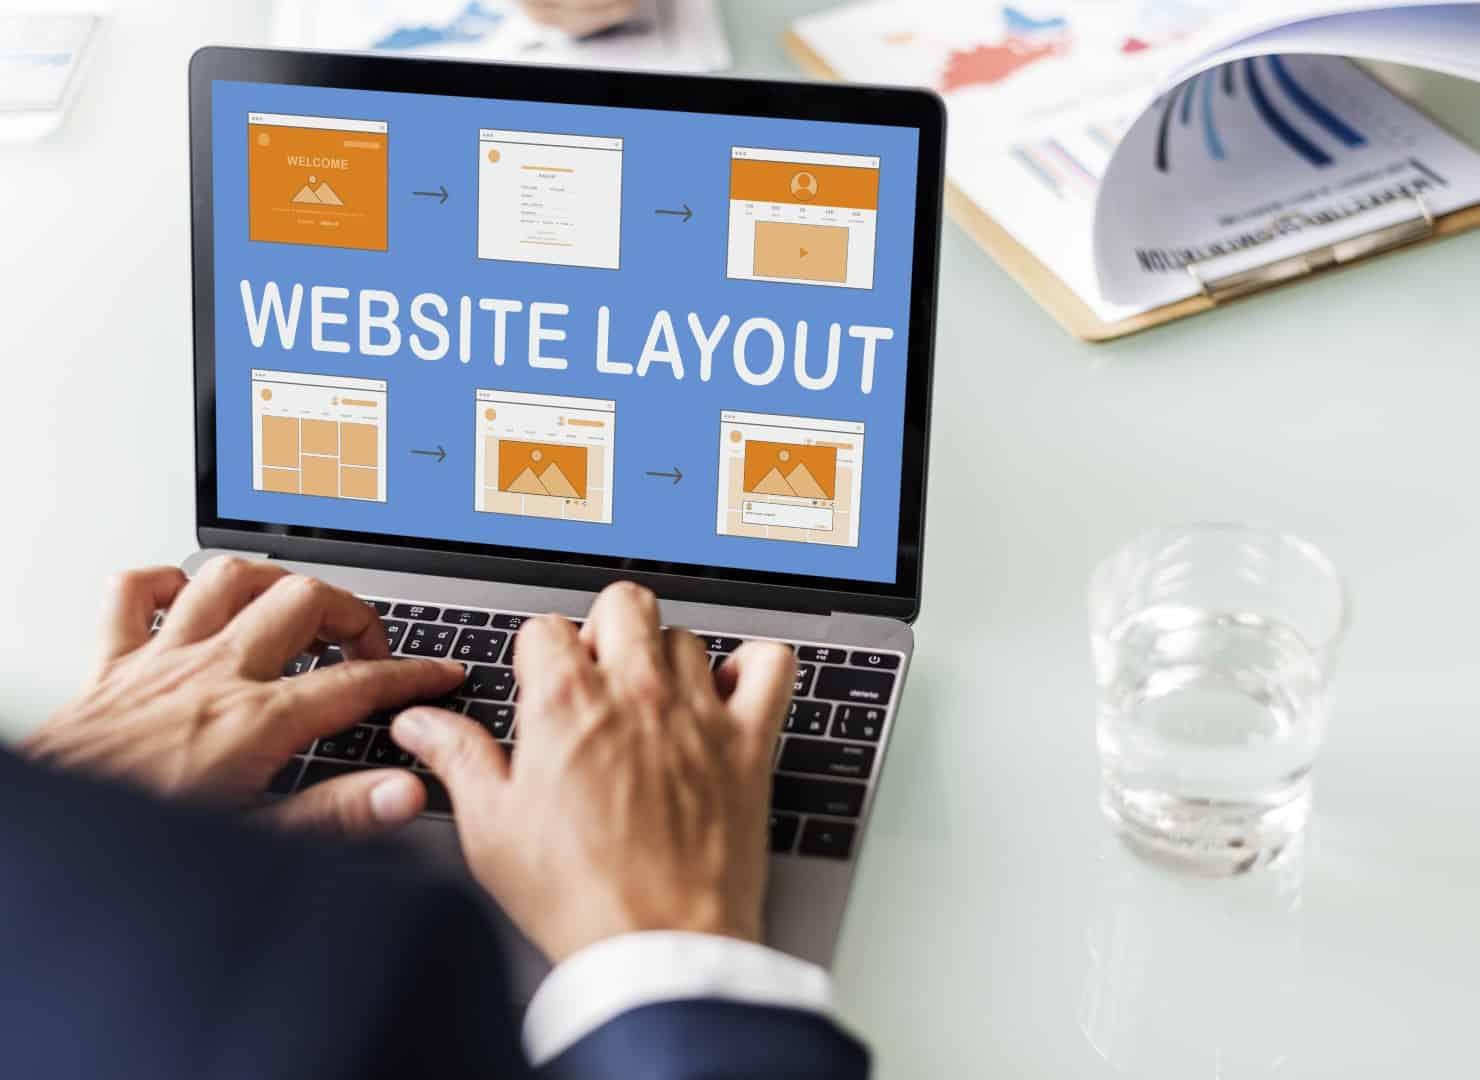 grafica web - web template website design concept PZMWPL6 Grande - Grafica web, organizza al meglio l'interfaccia del tuo sito